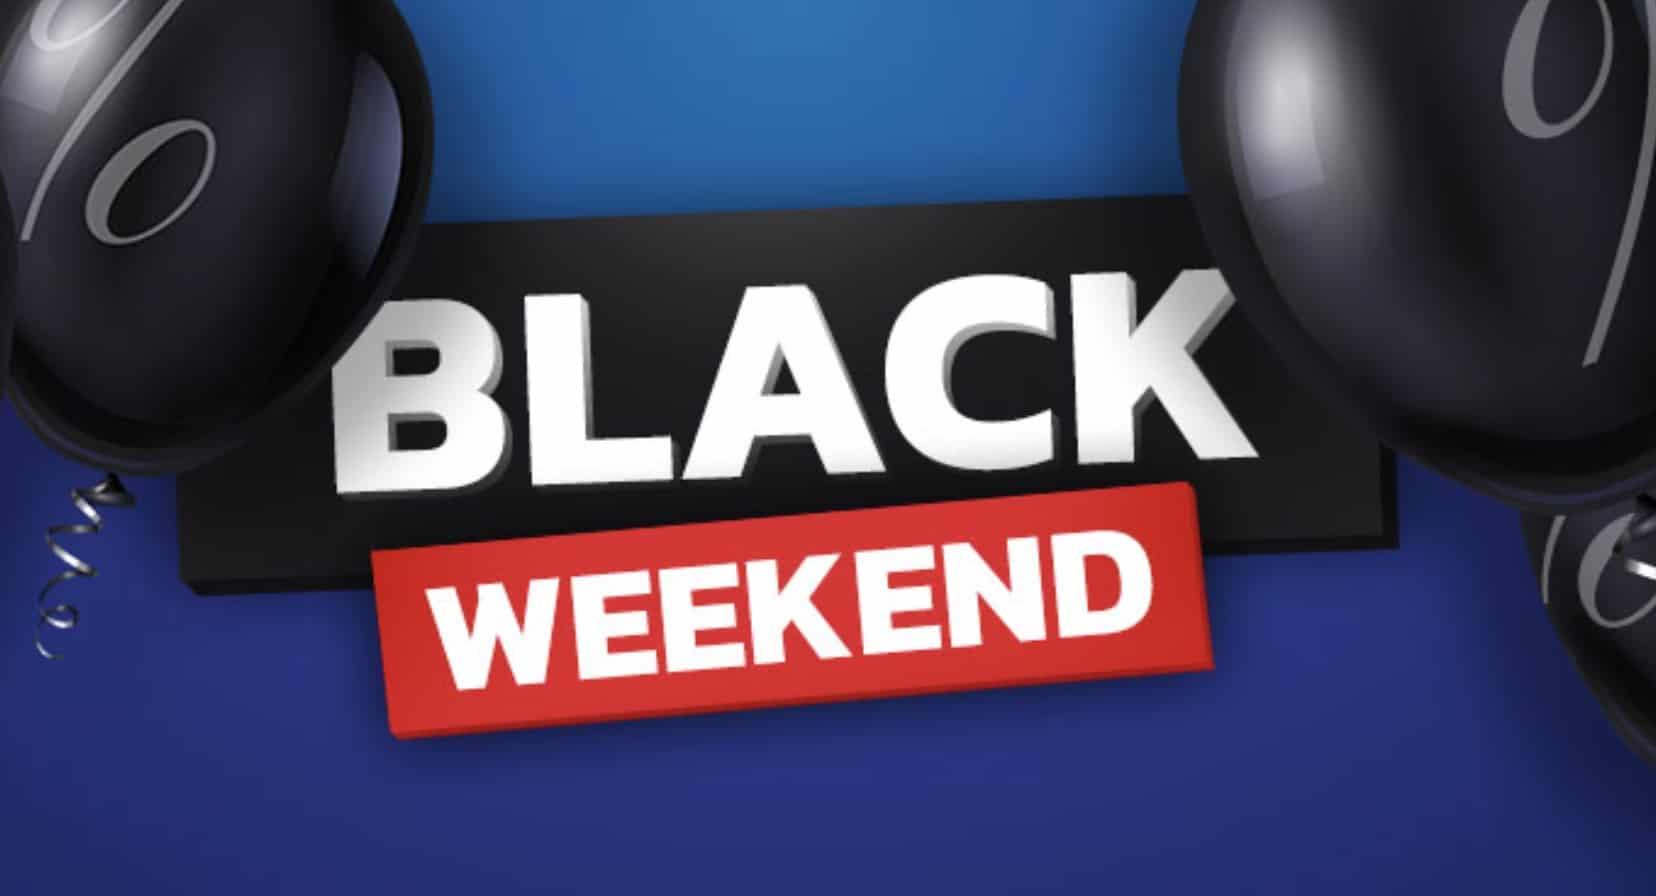 Black Weekend Etoto, czyli 200 PLN premii!